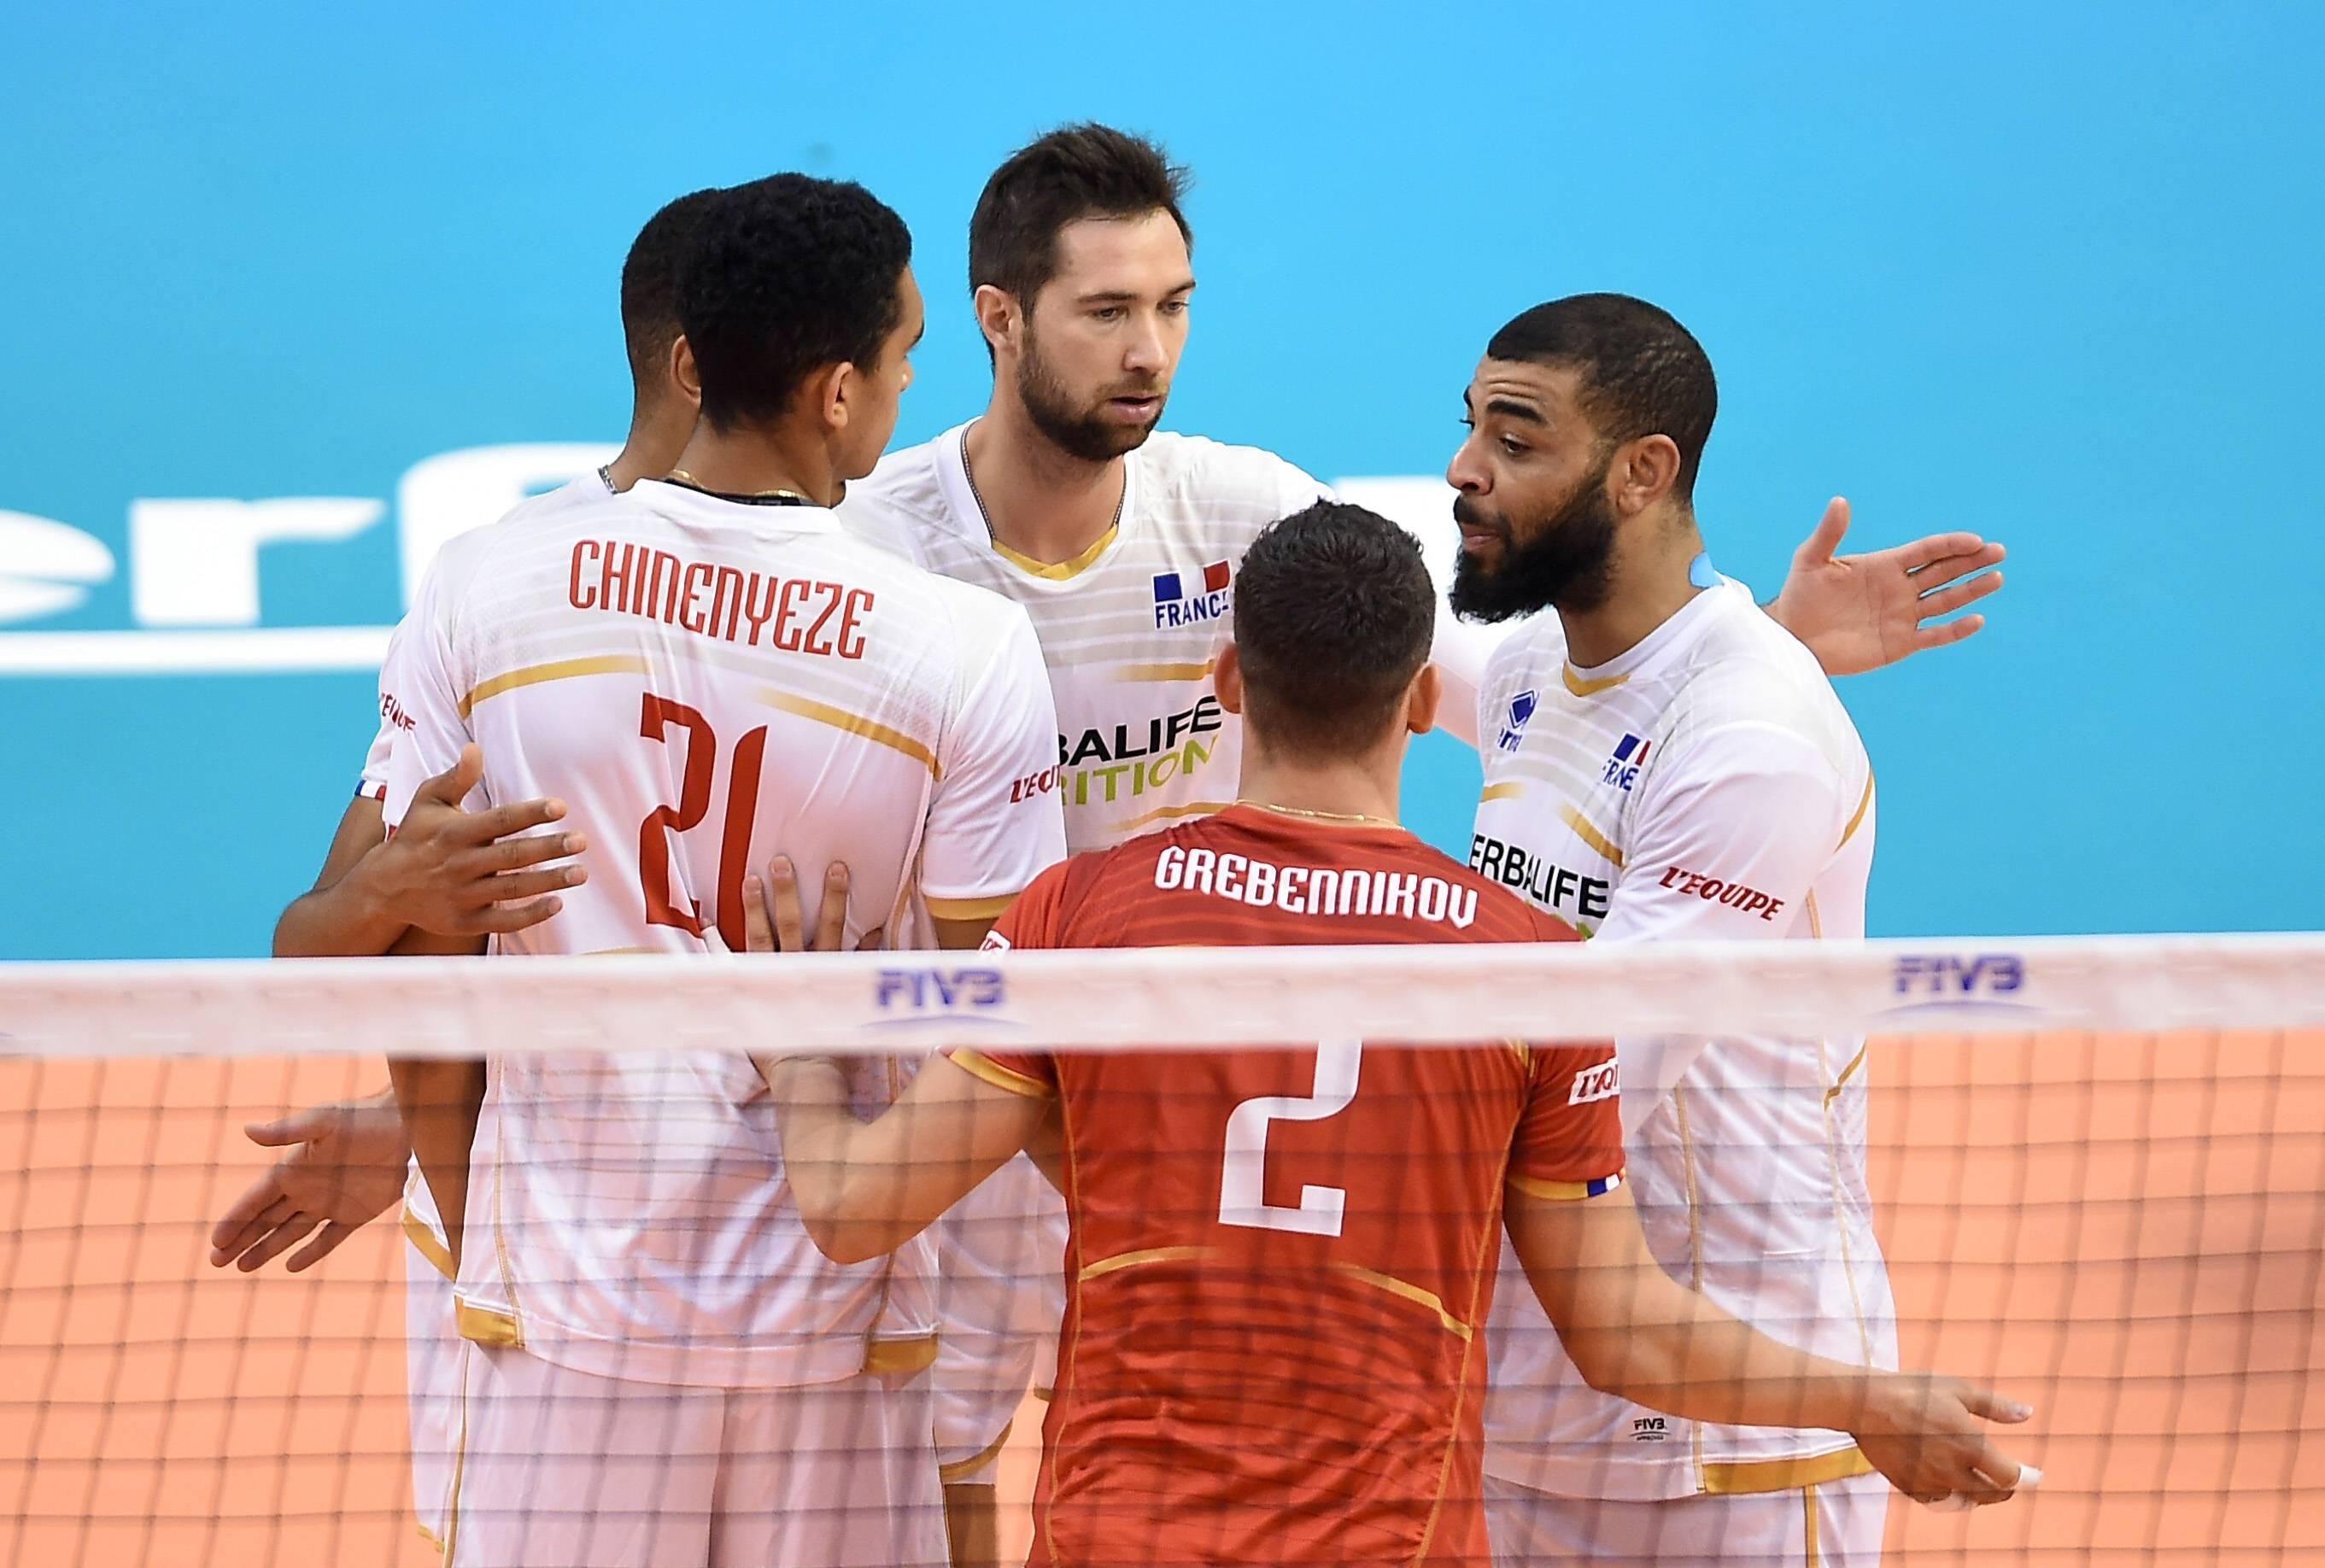 Volley - Equipe de France - Mondial: Ngapeth fait renaître l'espoir des Bleus